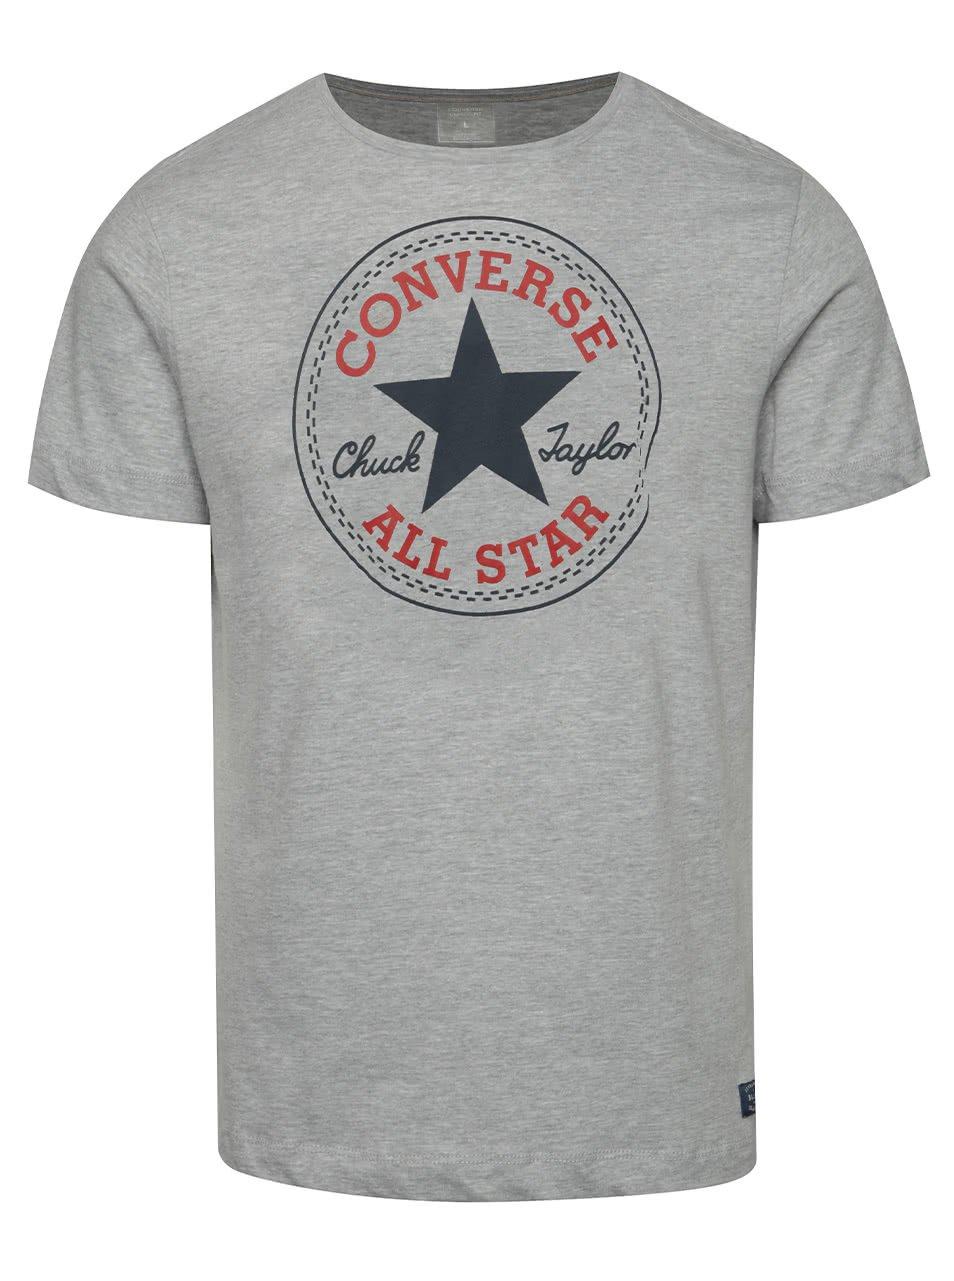 Šedé pánské triko s potiskem Converse Core